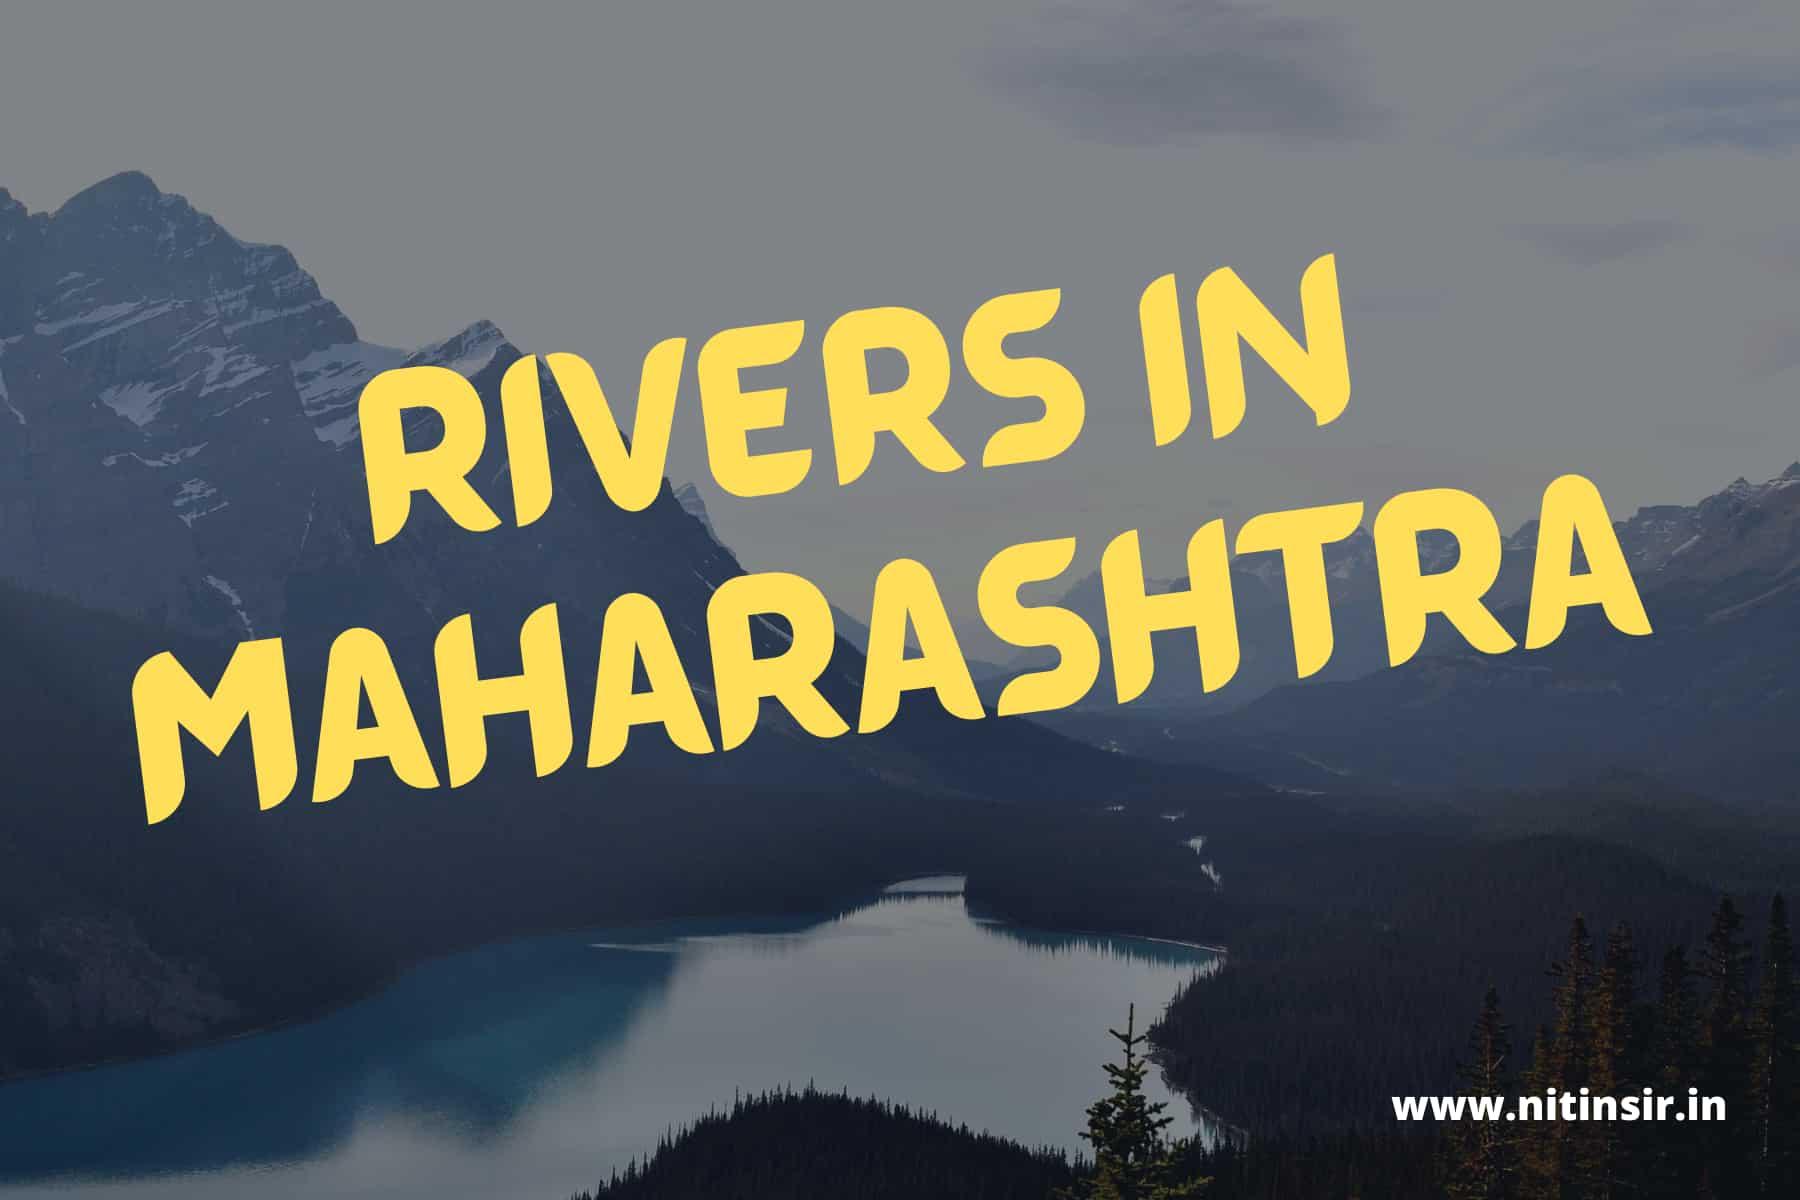 rivers in maharashtra